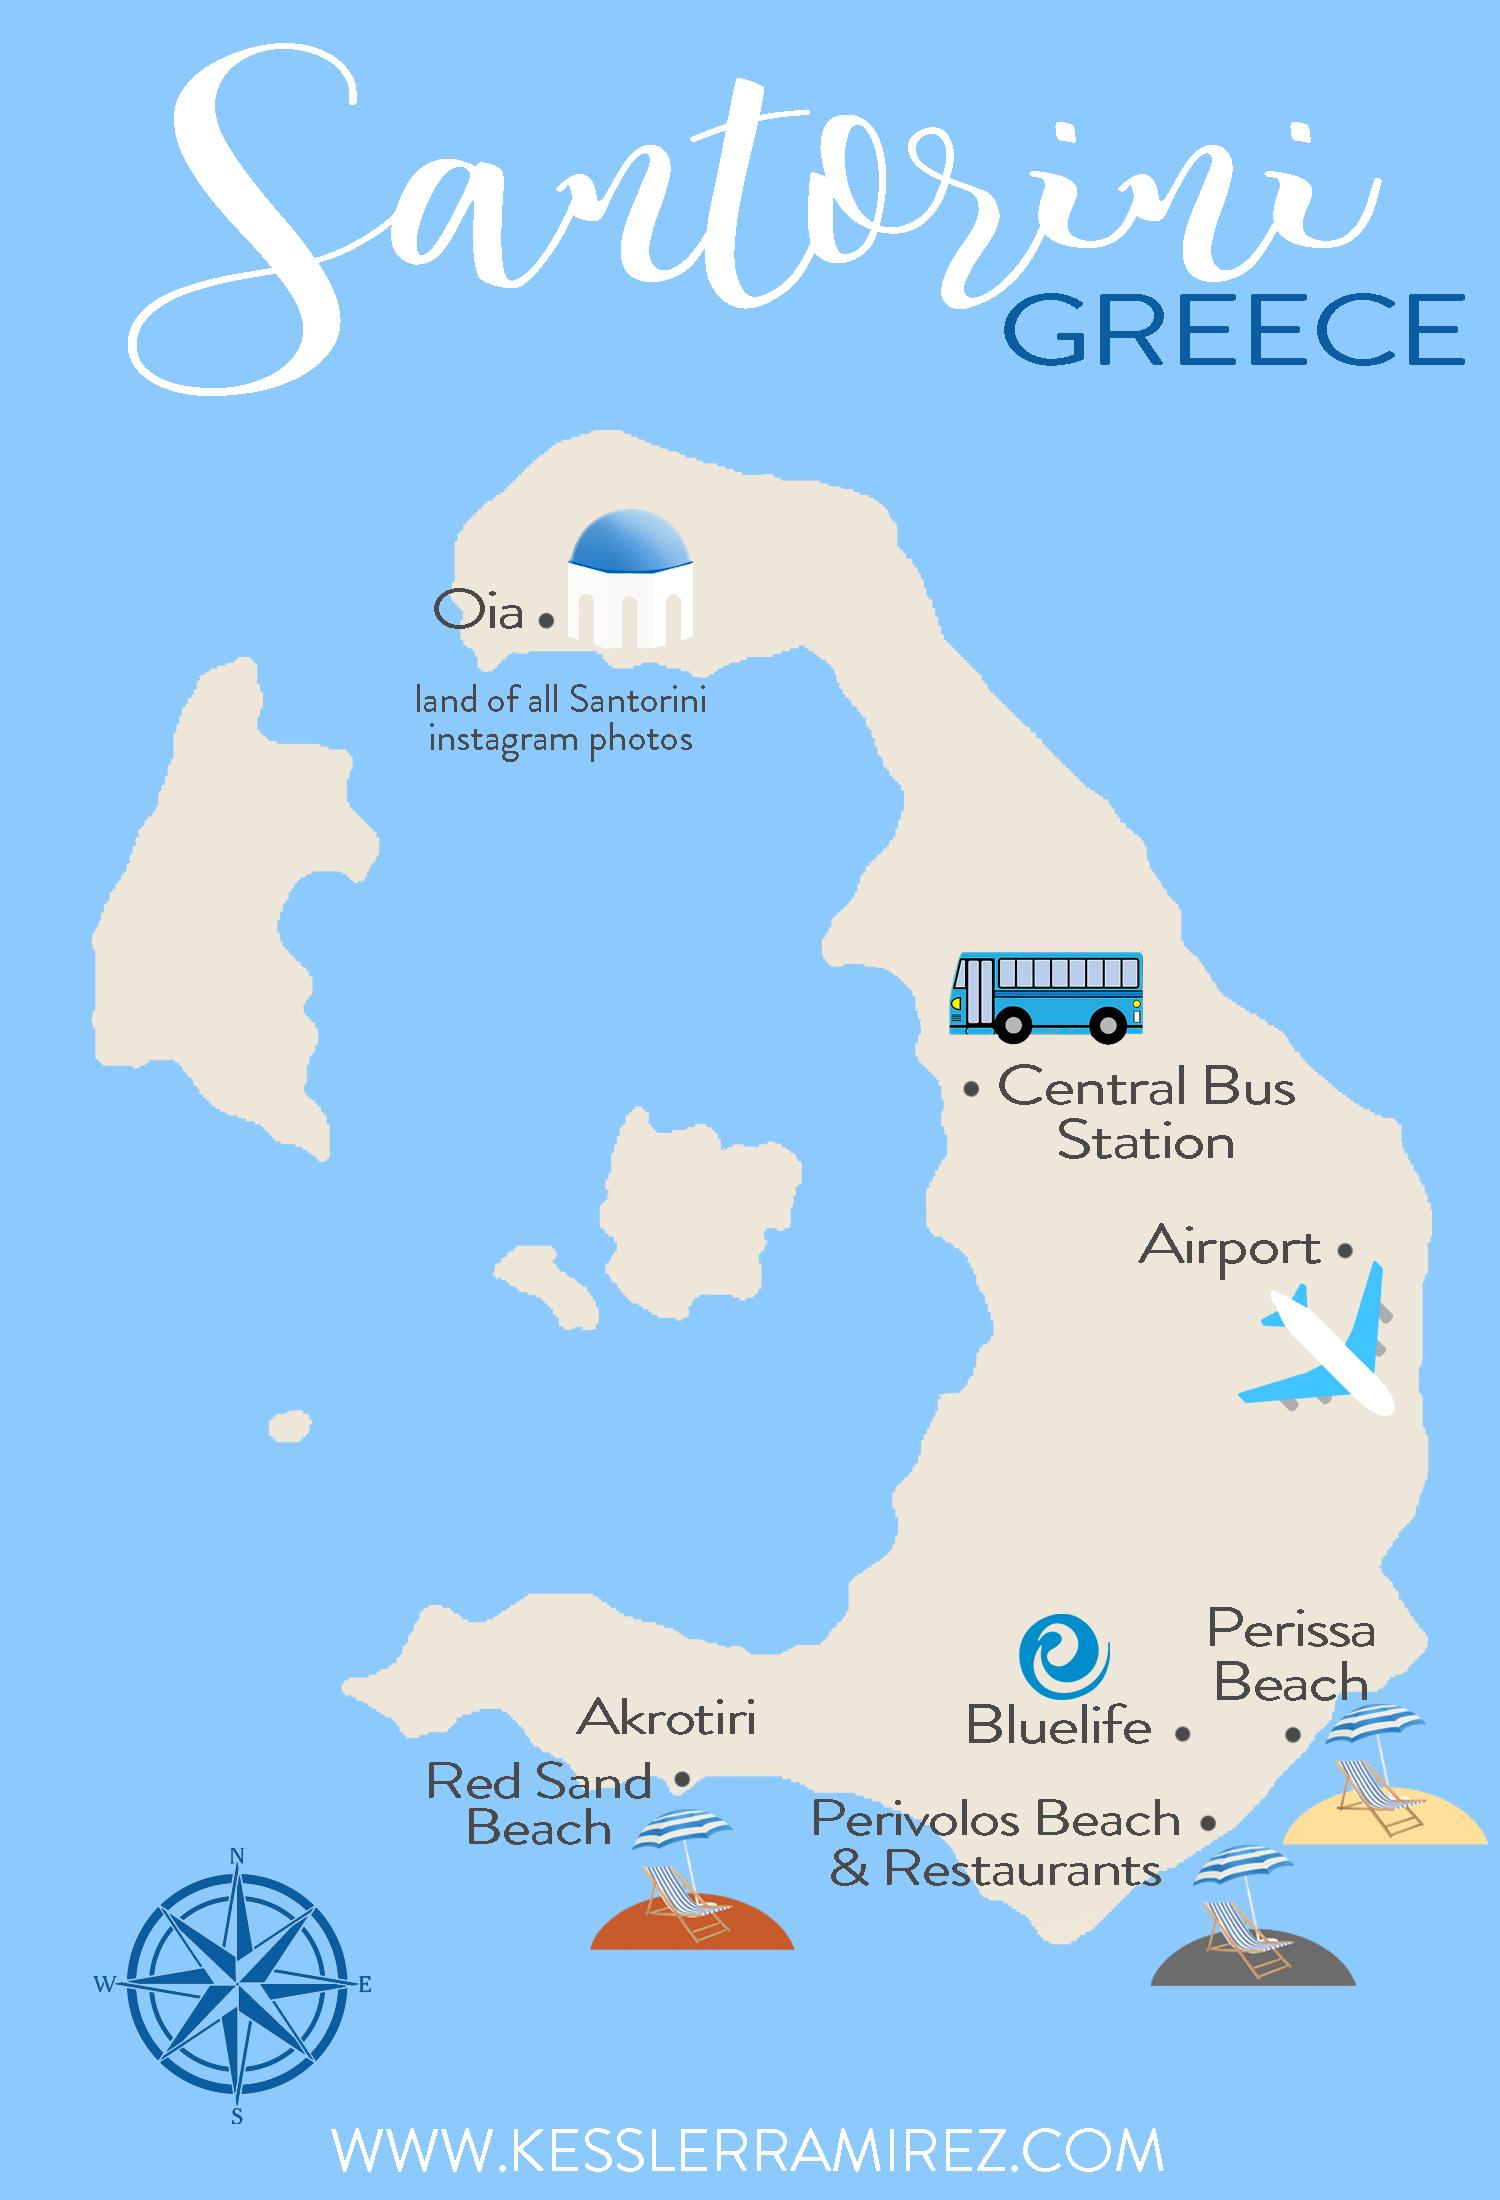 Map of Santorini Greece by Kessler Ramirez